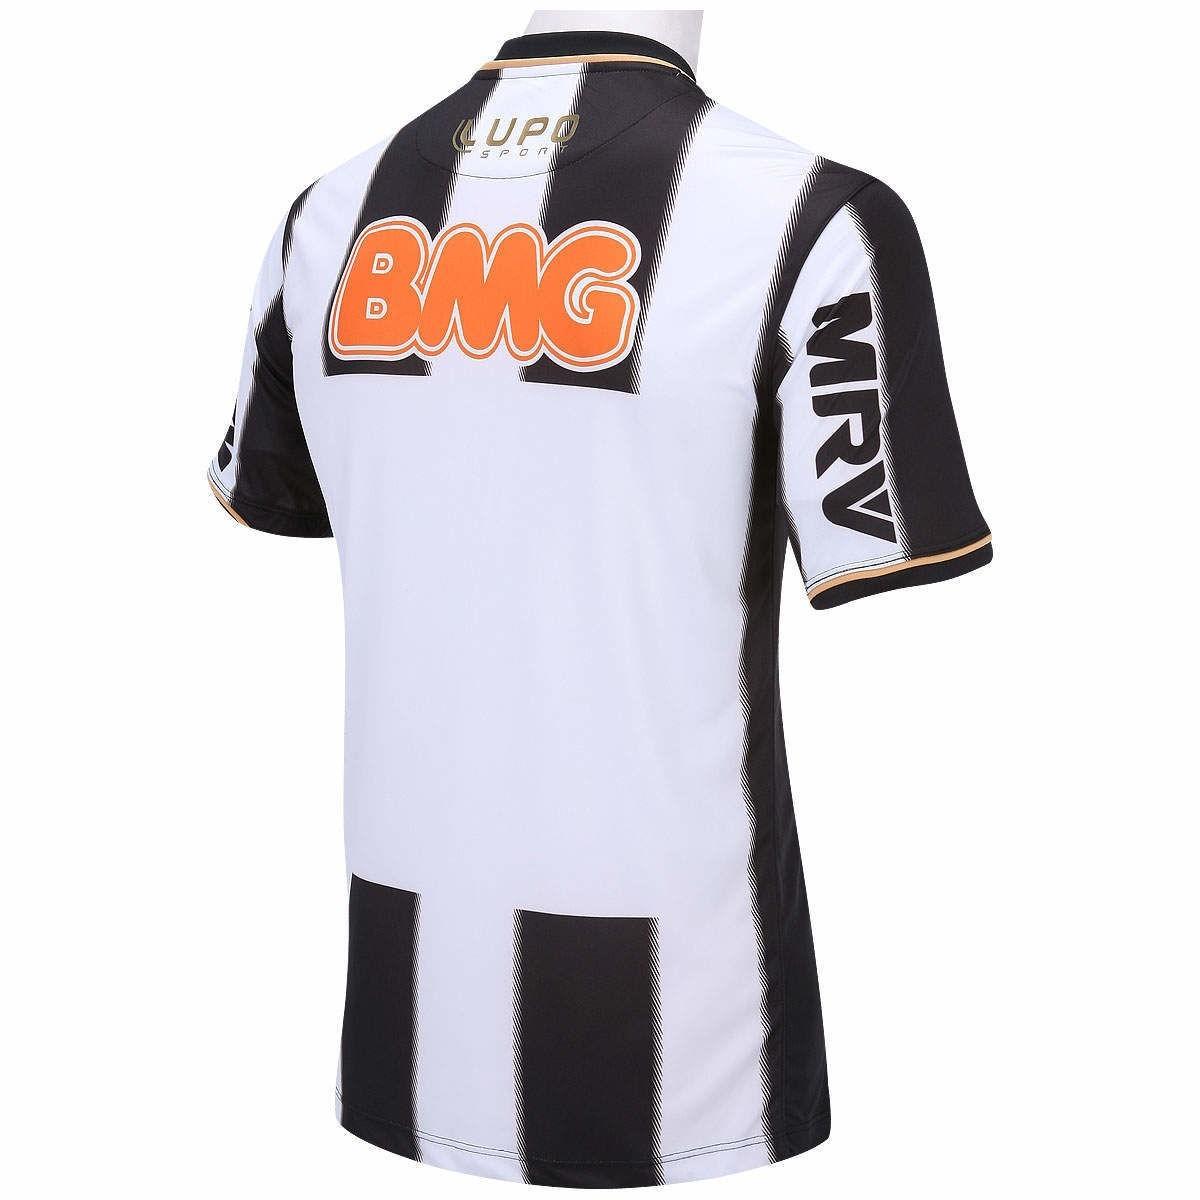 81d087376 Camisa Lupo Atlético Mineiro Libertadores 2013 S nº Tam  3g - R  89 ...